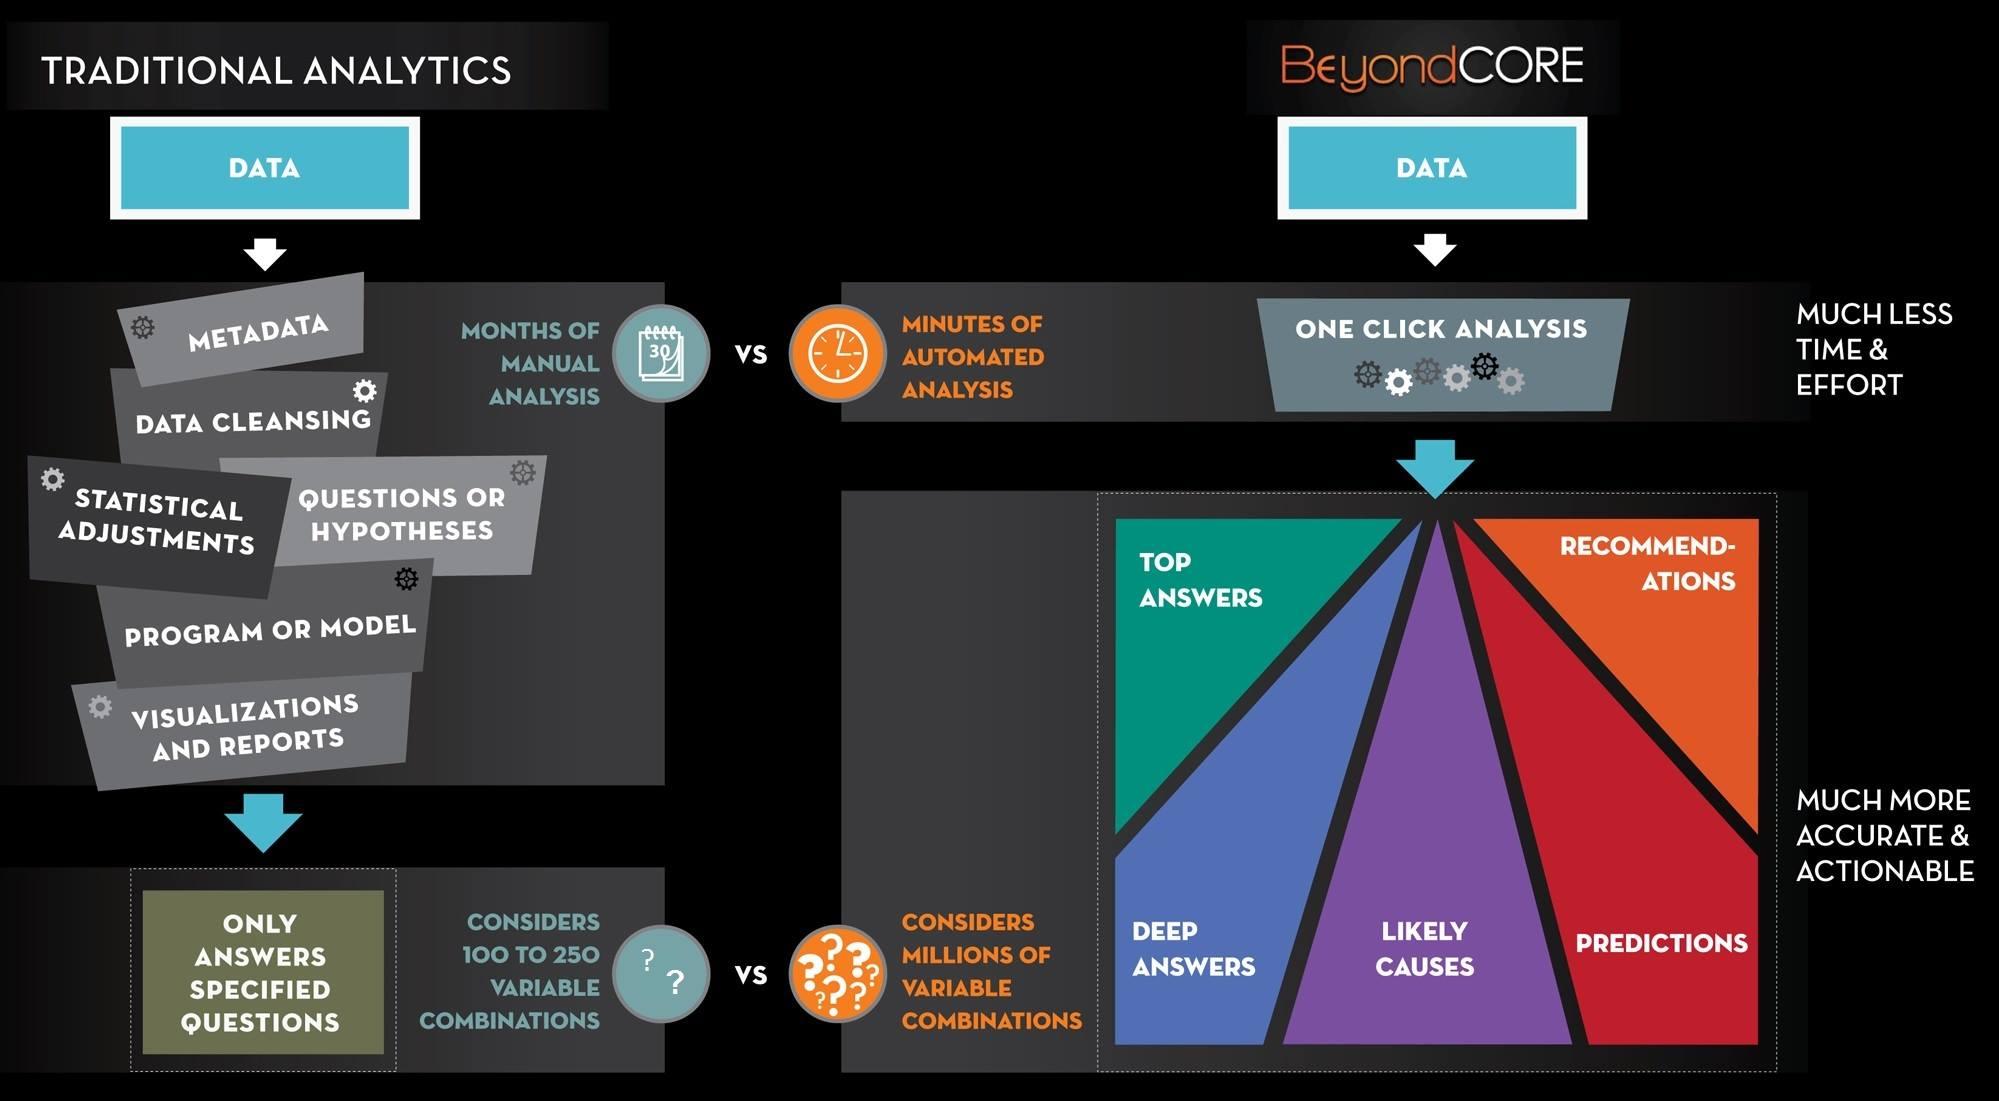 Beyondcore Infographic